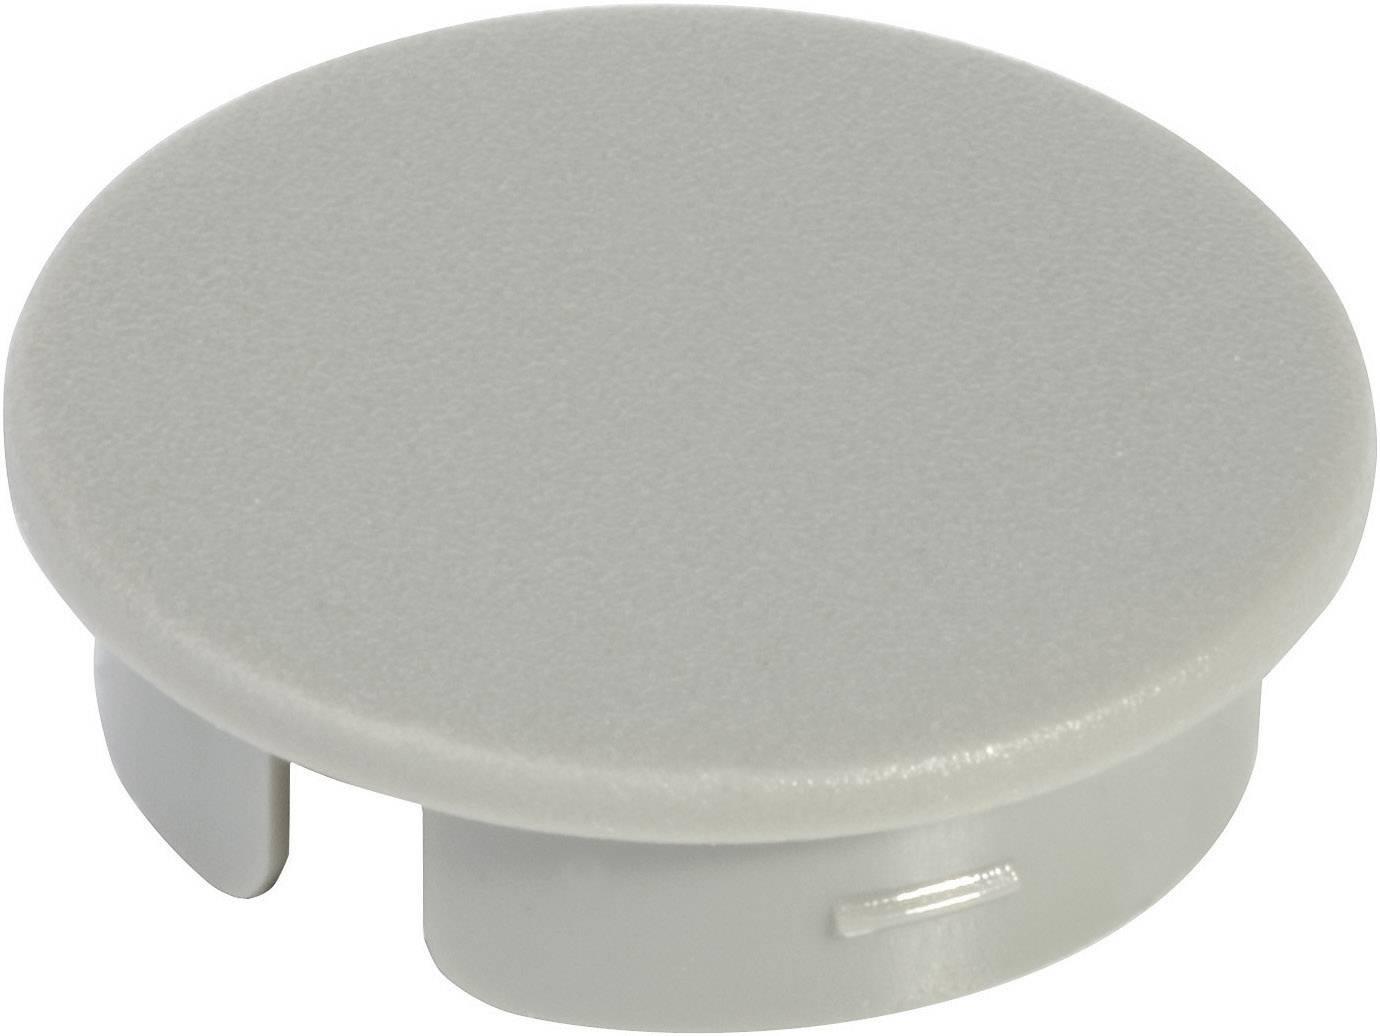 Krytka na otočný knoflík bez ukazatele OKW, pro knoflíky/O 31 mm, šedá